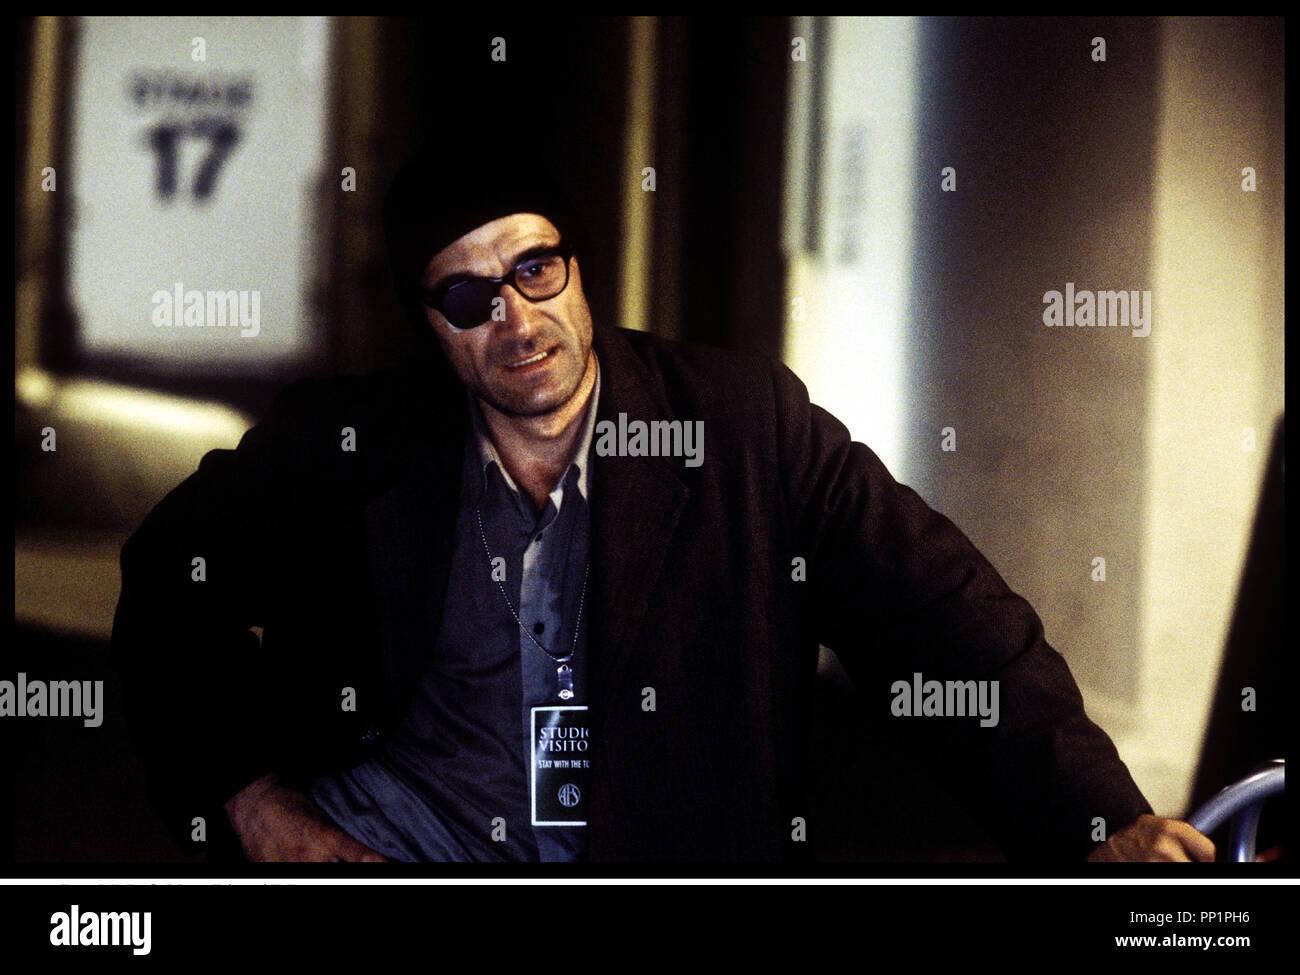 Prod DB ©ÊNew Line / DR SIMONE (S1MONE) de Andrew Nicol 2002 USA avec Elias Koteas borgne - Stock Image